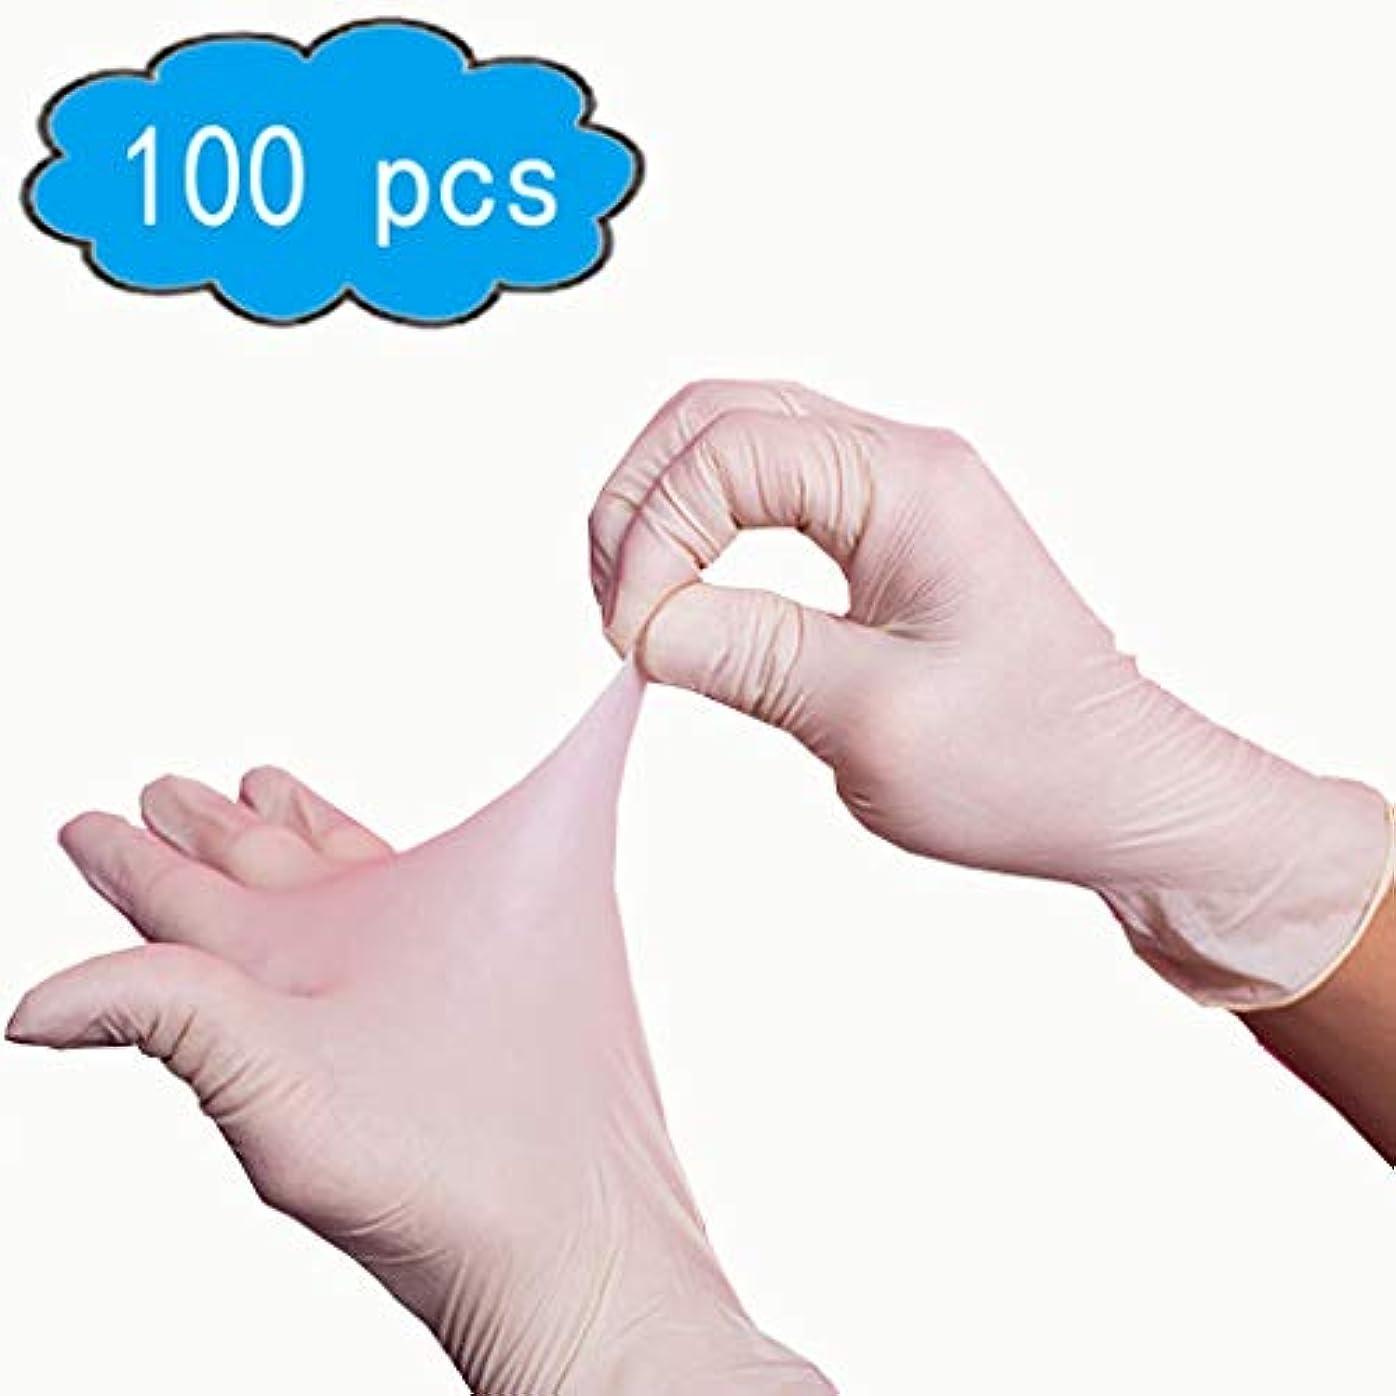 代数的弾性共同選択ゴム手袋パウダーフリー/使い捨て食品調理用手袋/キッチンフードサービスクリーニンググローブサイズミディアム、100個入り、応急処置用品、サニタリー手袋 (Color : White, Size : L)